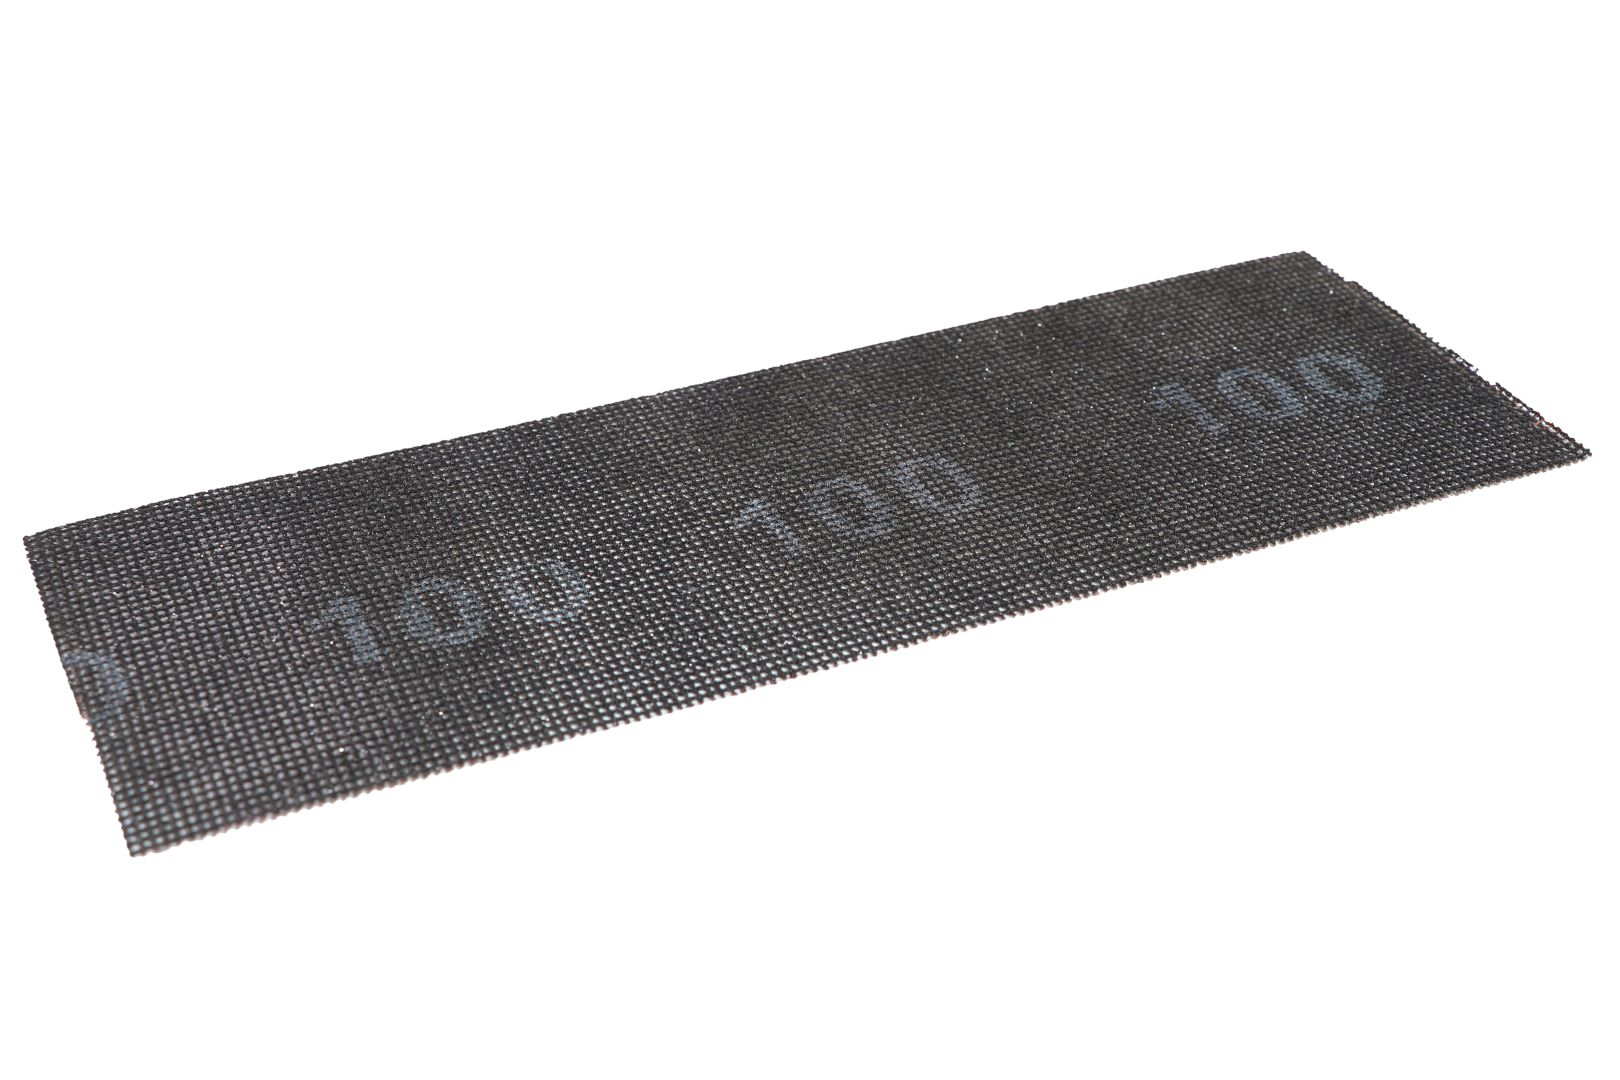 TRIUSO Schleifgitter für Gipskartonplatten, 95 x 280 mm, 10 Stück, K100